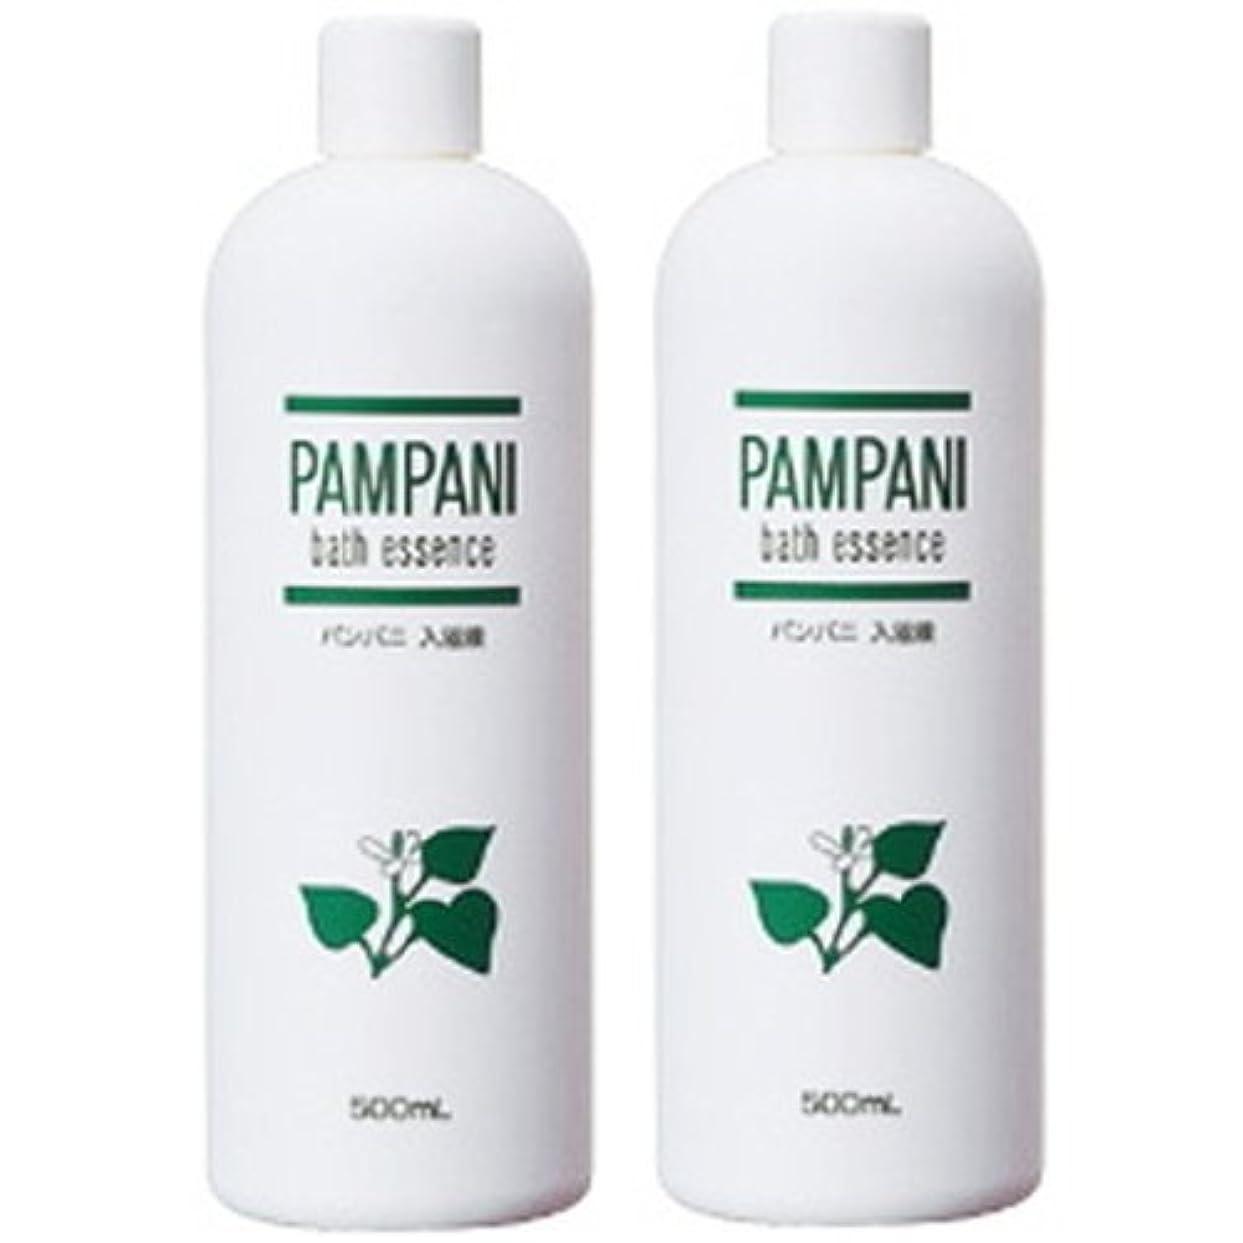 上院議員刻む海岸パンパニ(PAMPANI) 入浴液 (希釈タイプ) 500ml×2本組